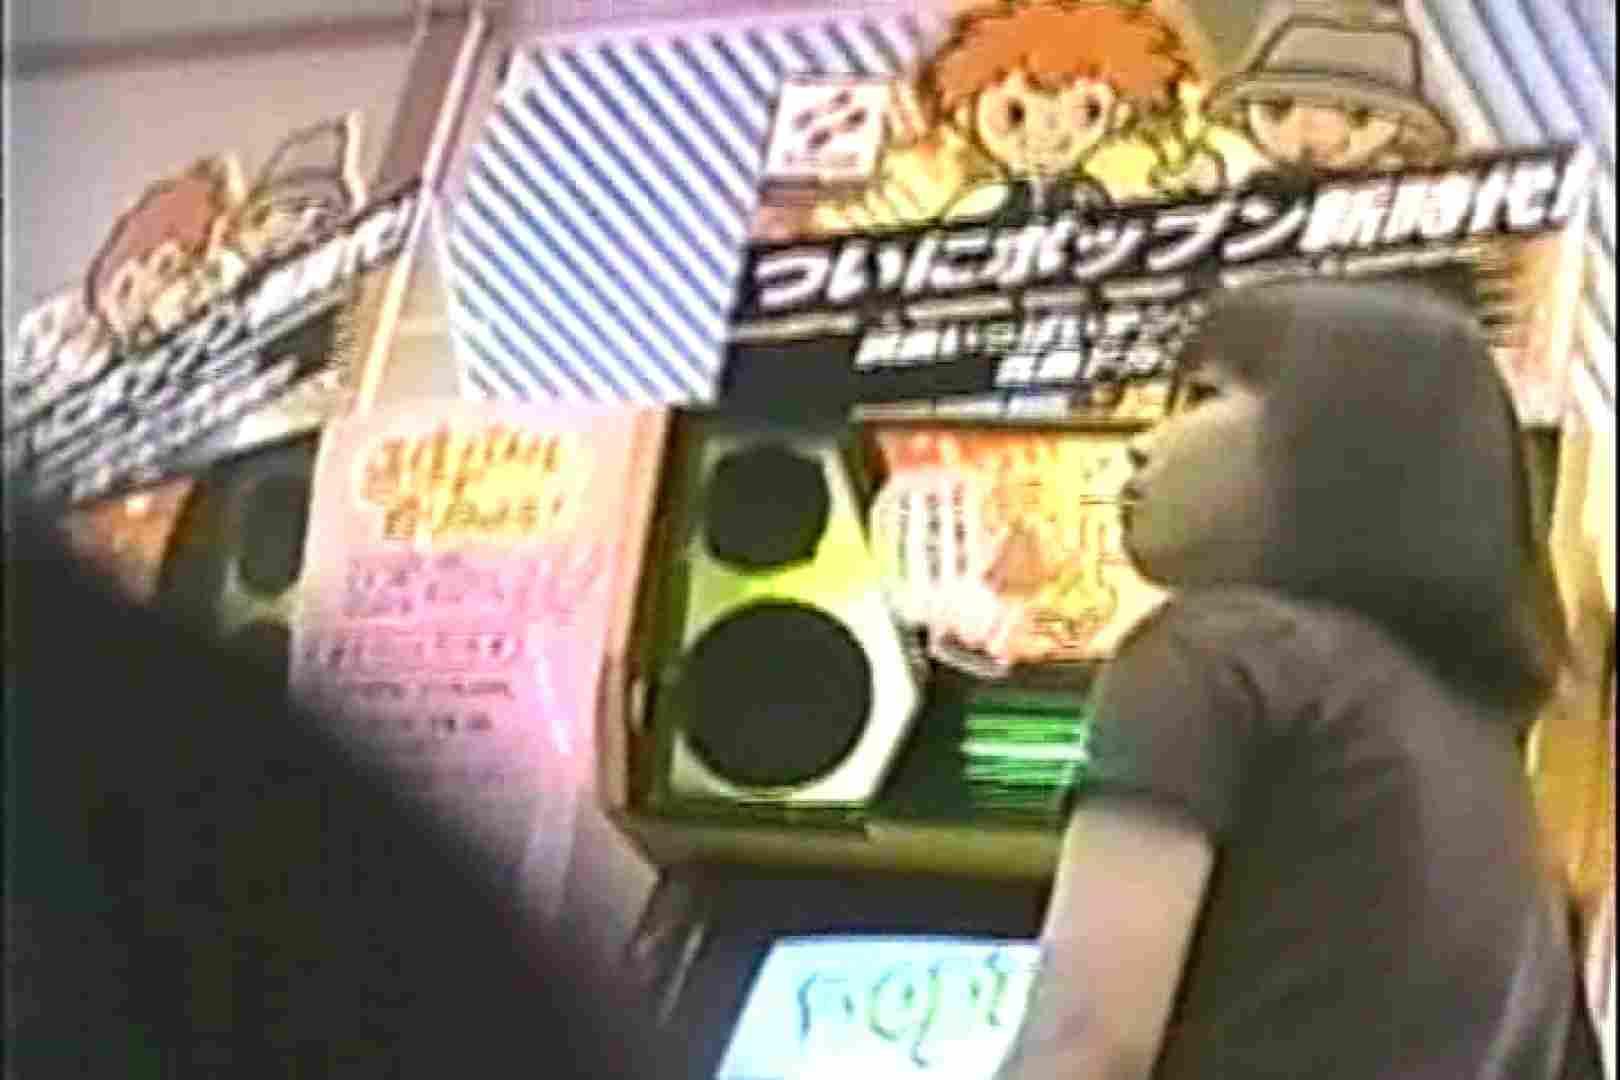 「ちくりん」さんのオリジナル未編集パンチラVol.3_01 新入生パンチラ  101pic 48